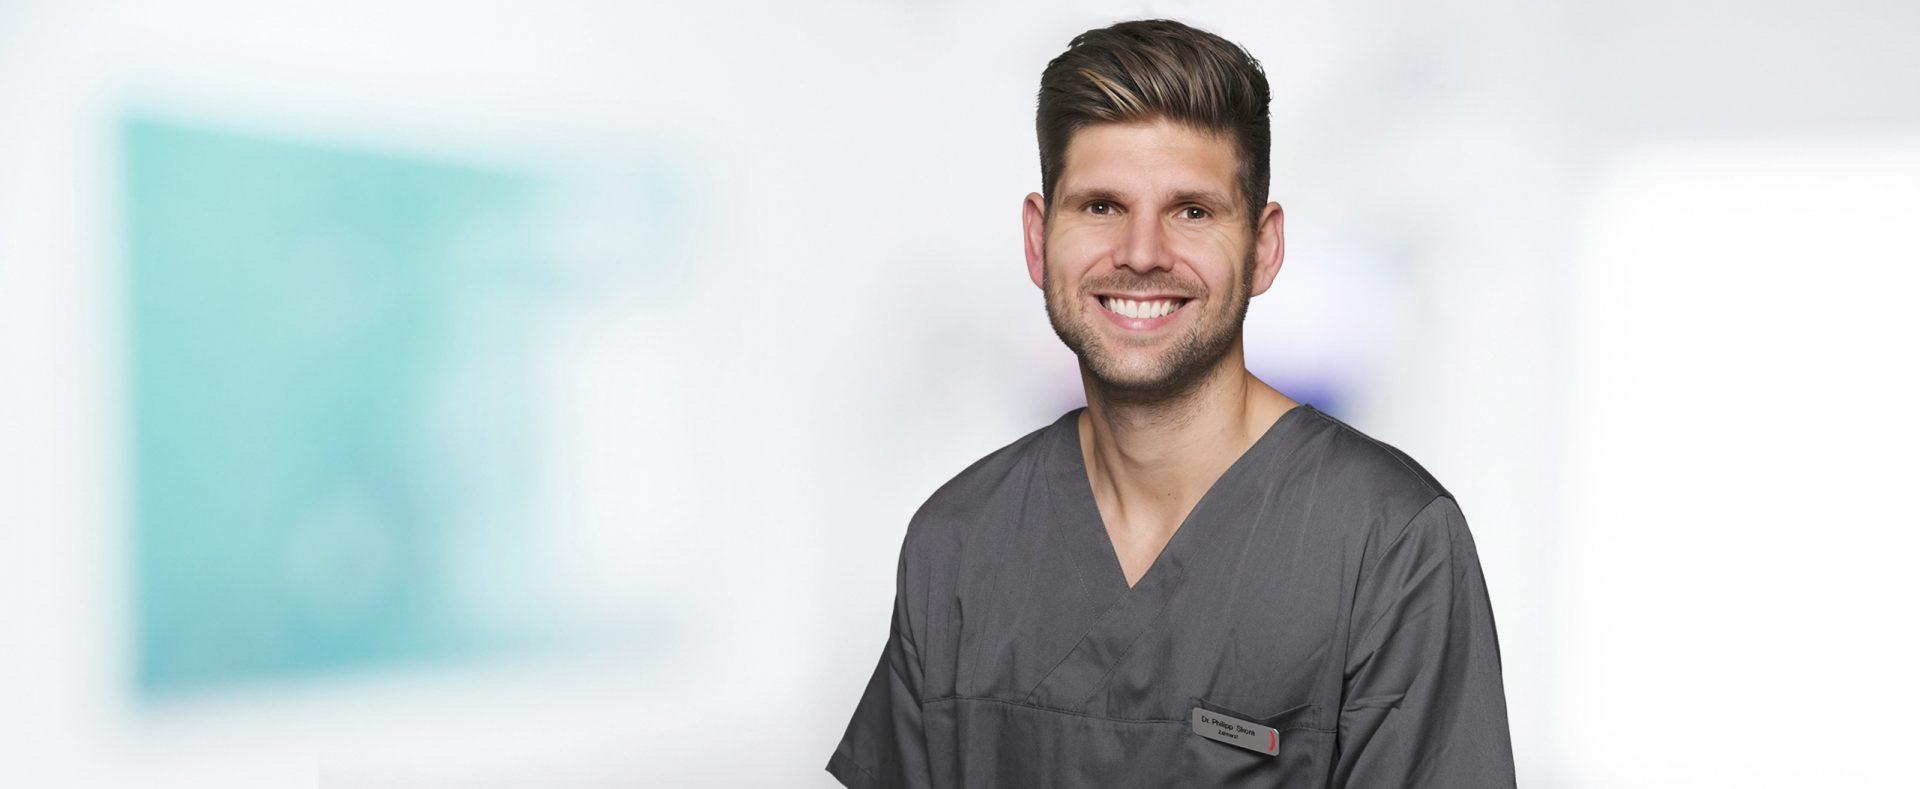 Dr. Philipp Skora ist Zahnarzt für Parodontologie und Implantologie bei der Zahnarztpraxis ZAHNKULTUR) in Köln